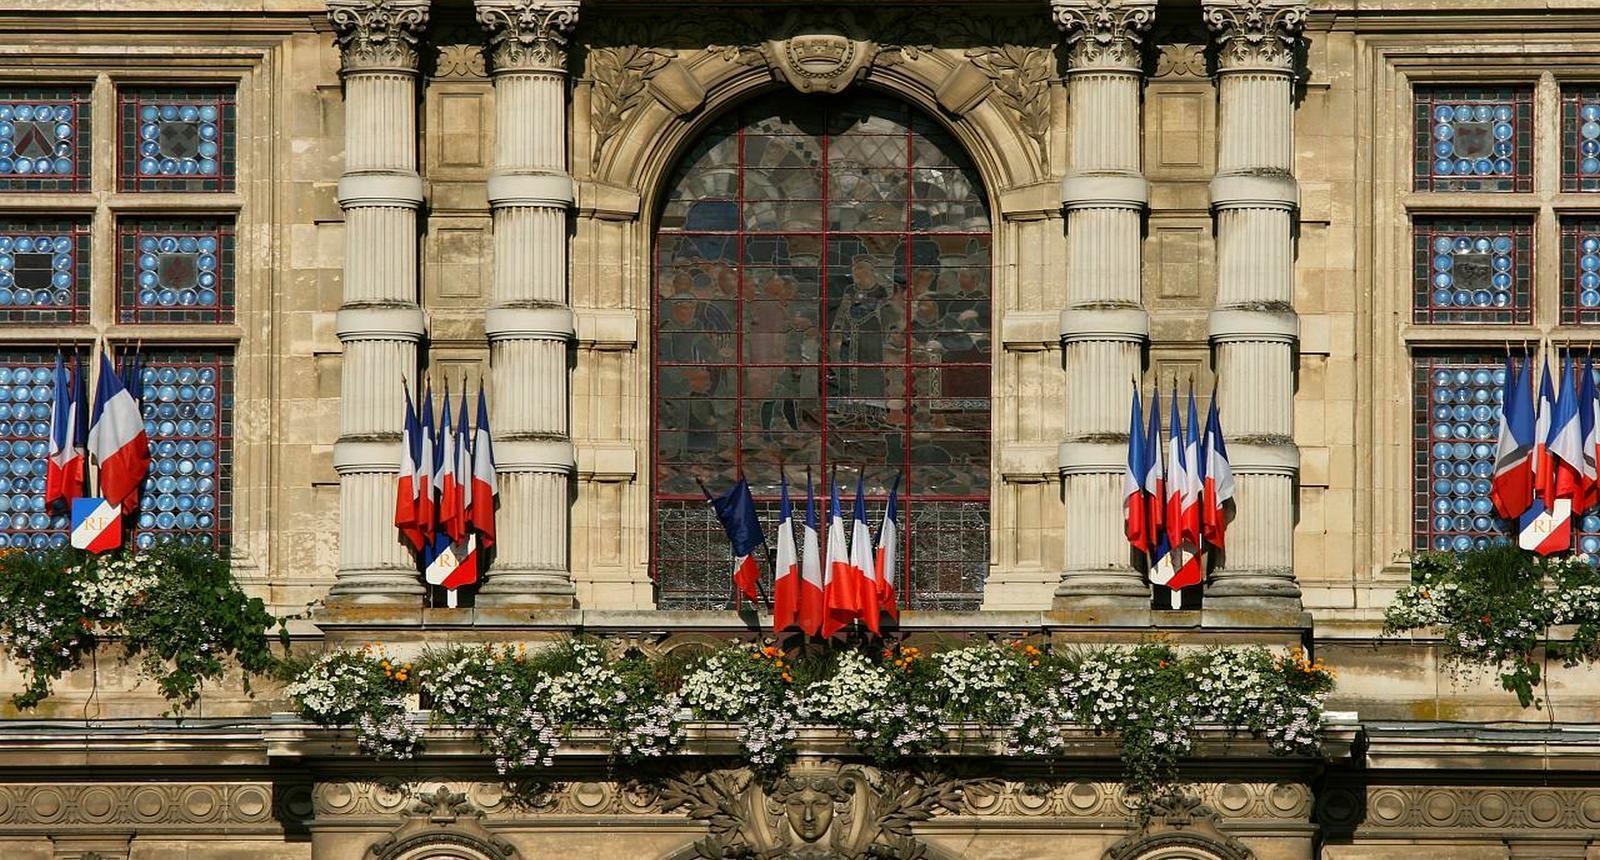 L'Hôtel de Ville de Poitiers